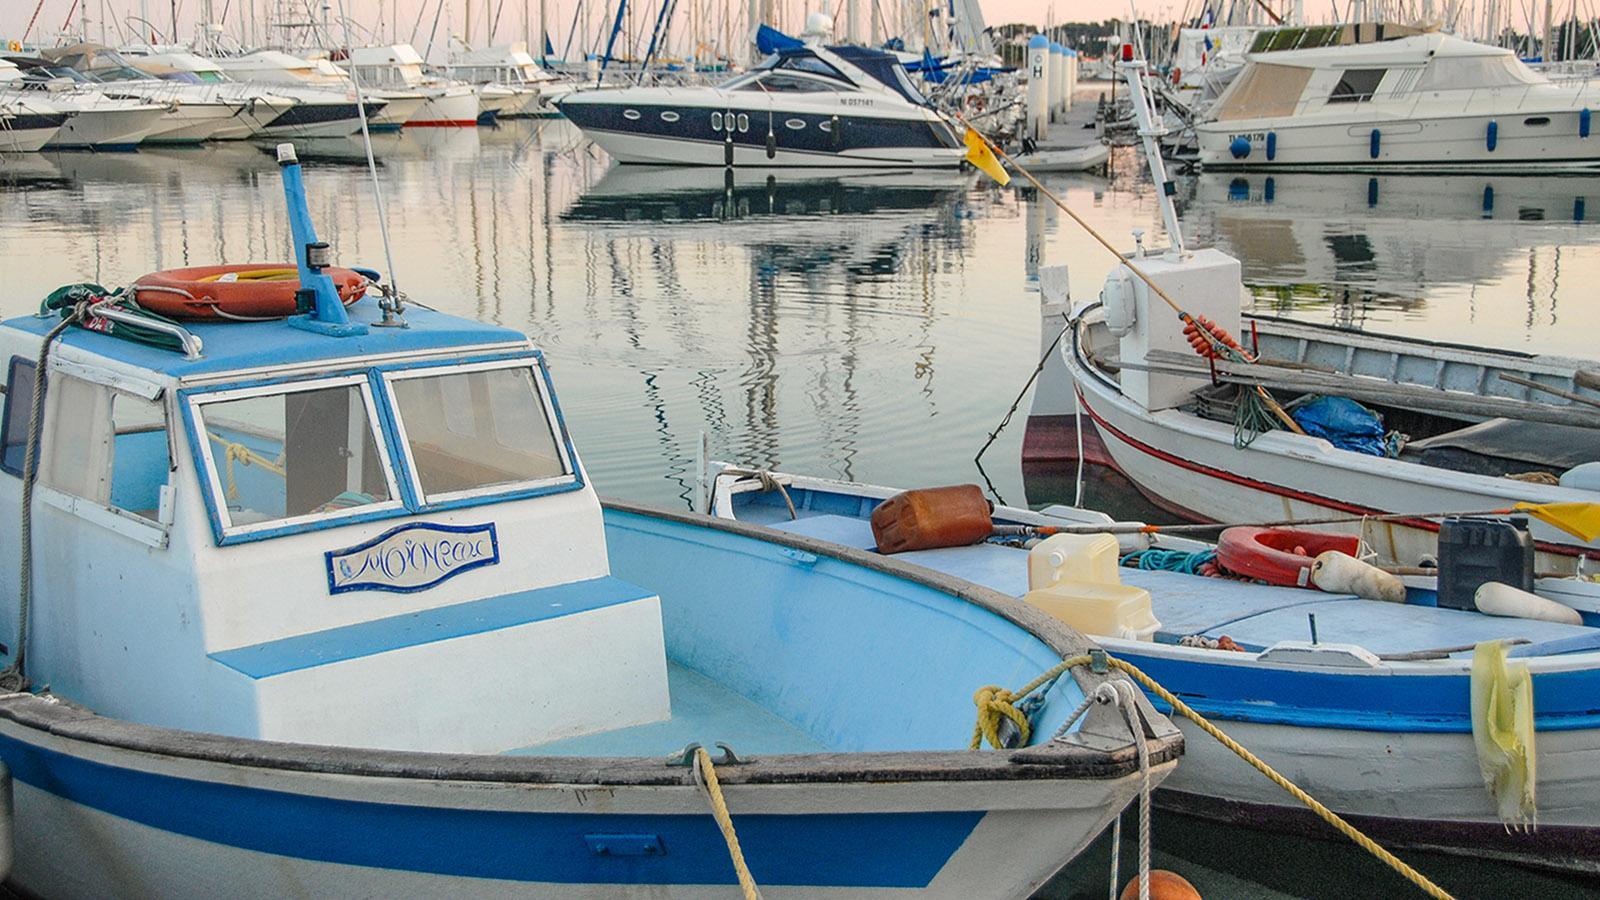 Pointu, Kabinenkreuzer und schnitte Segeljachten: Der Hafen von Bandol ist eine Augenweide für Sehleute. Foto: Hilke Maunder